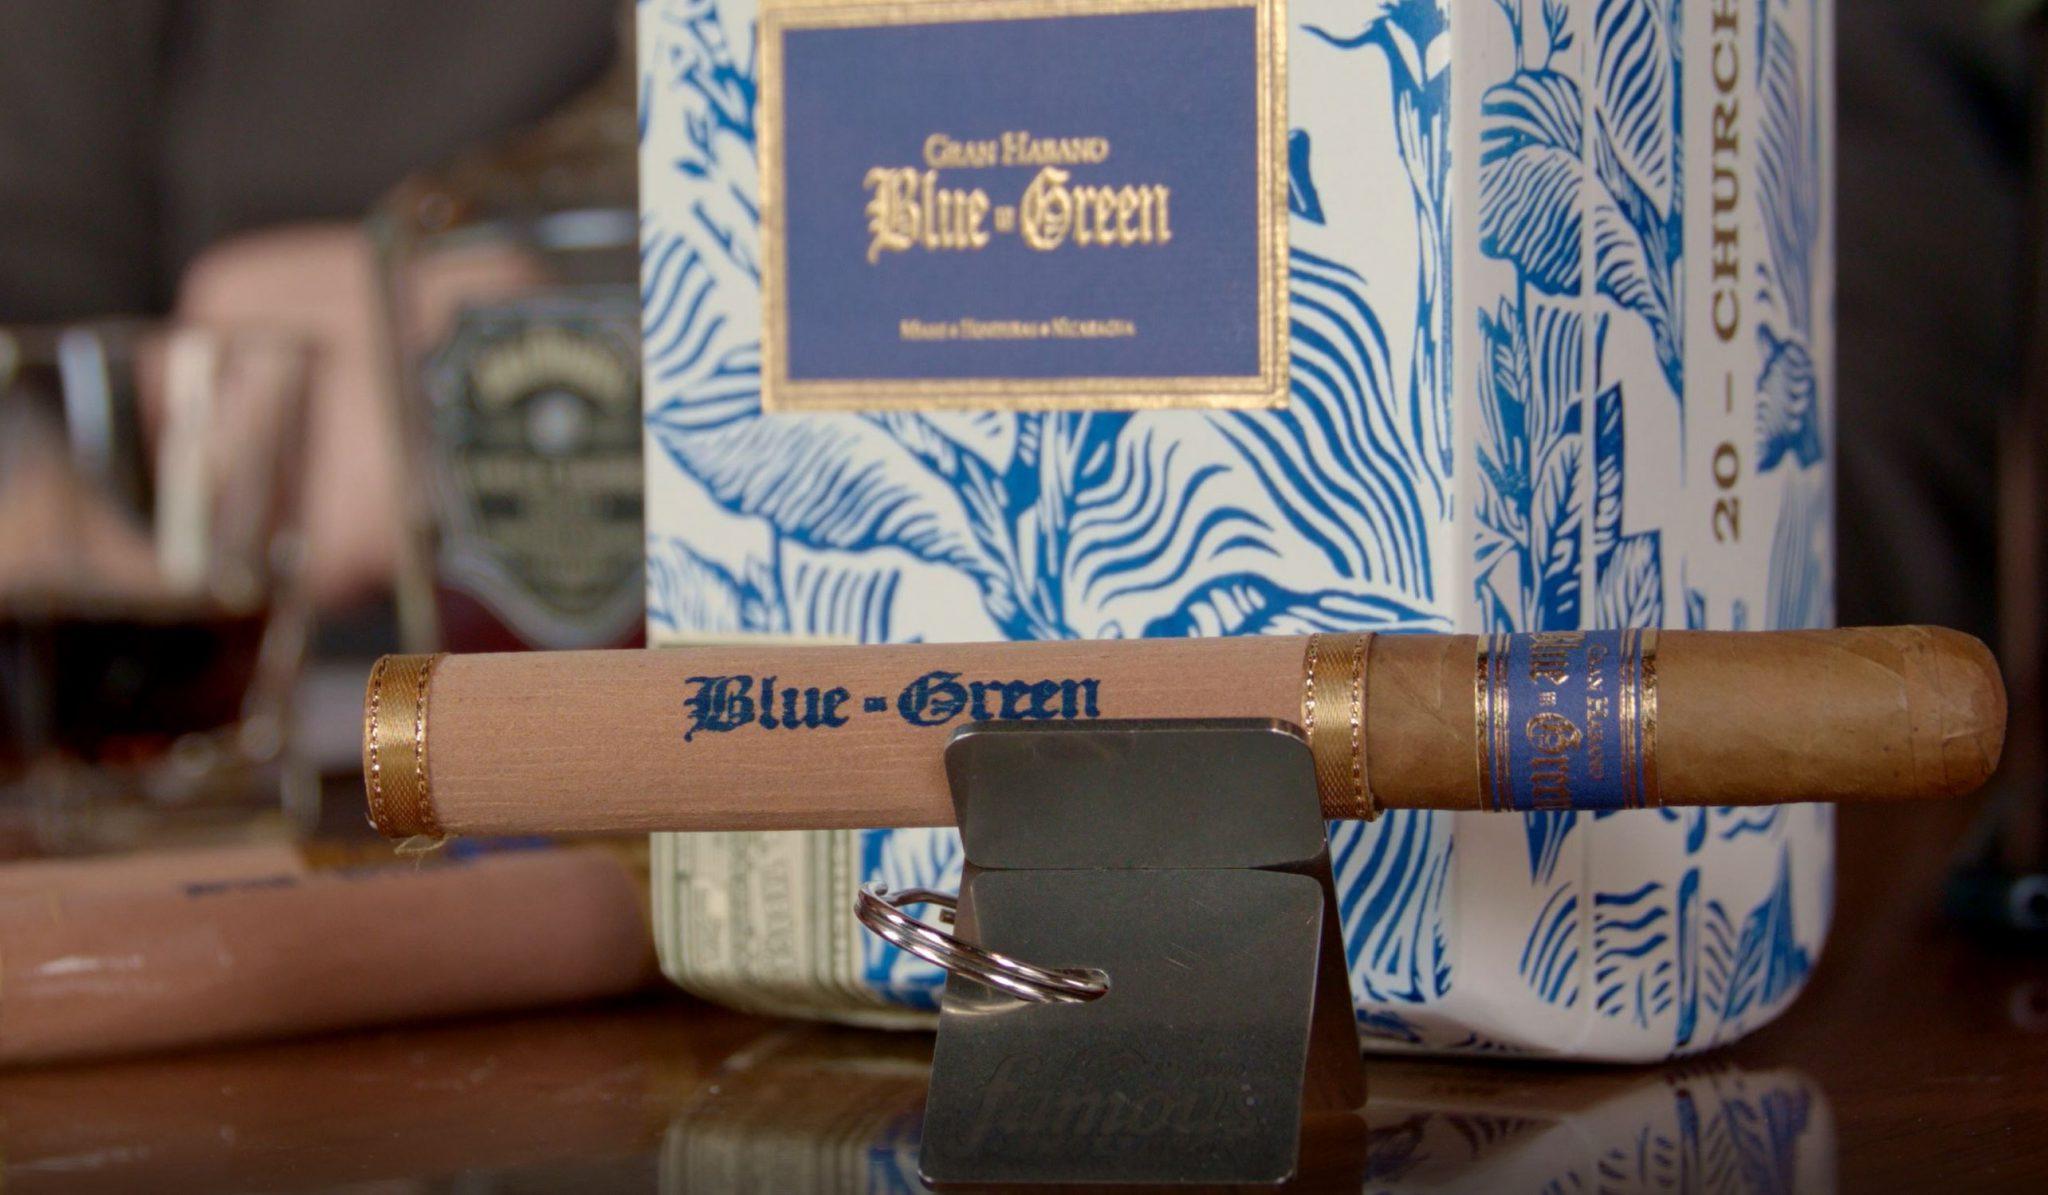 Gran Habano Blue in Green cigar review video - box shot 2